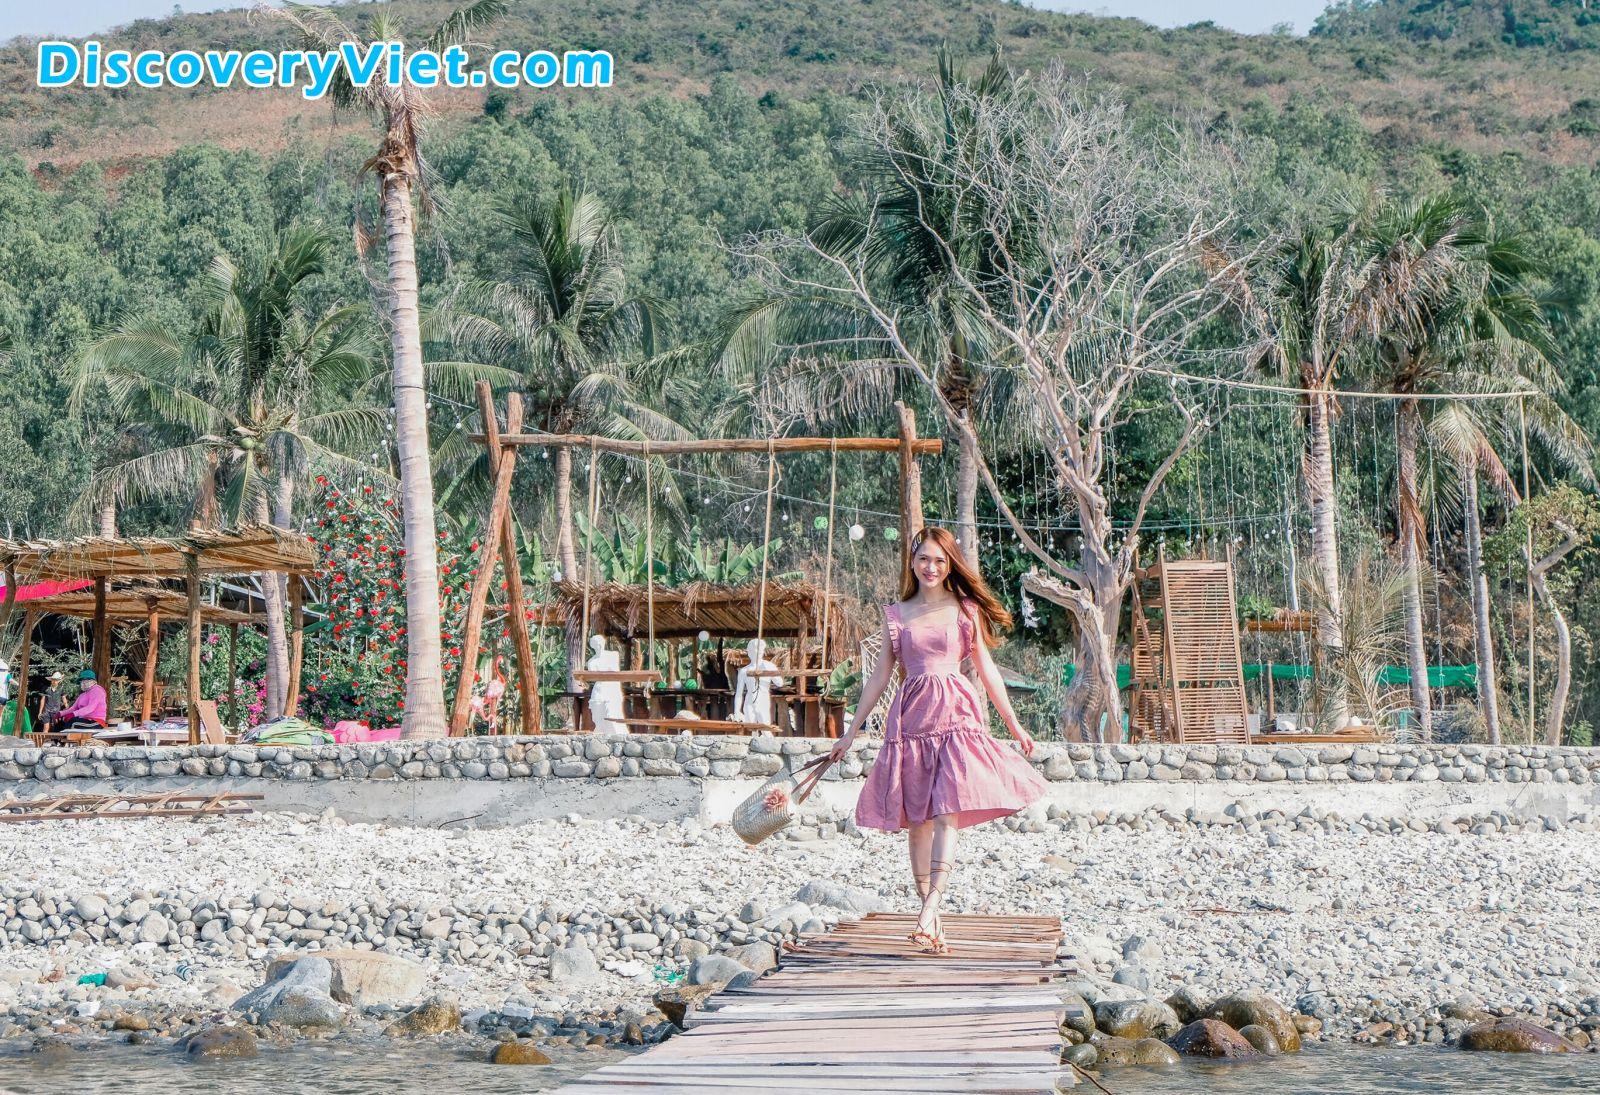 Du lịch Nha Trang dịp hè chỉ 370k đồng 6